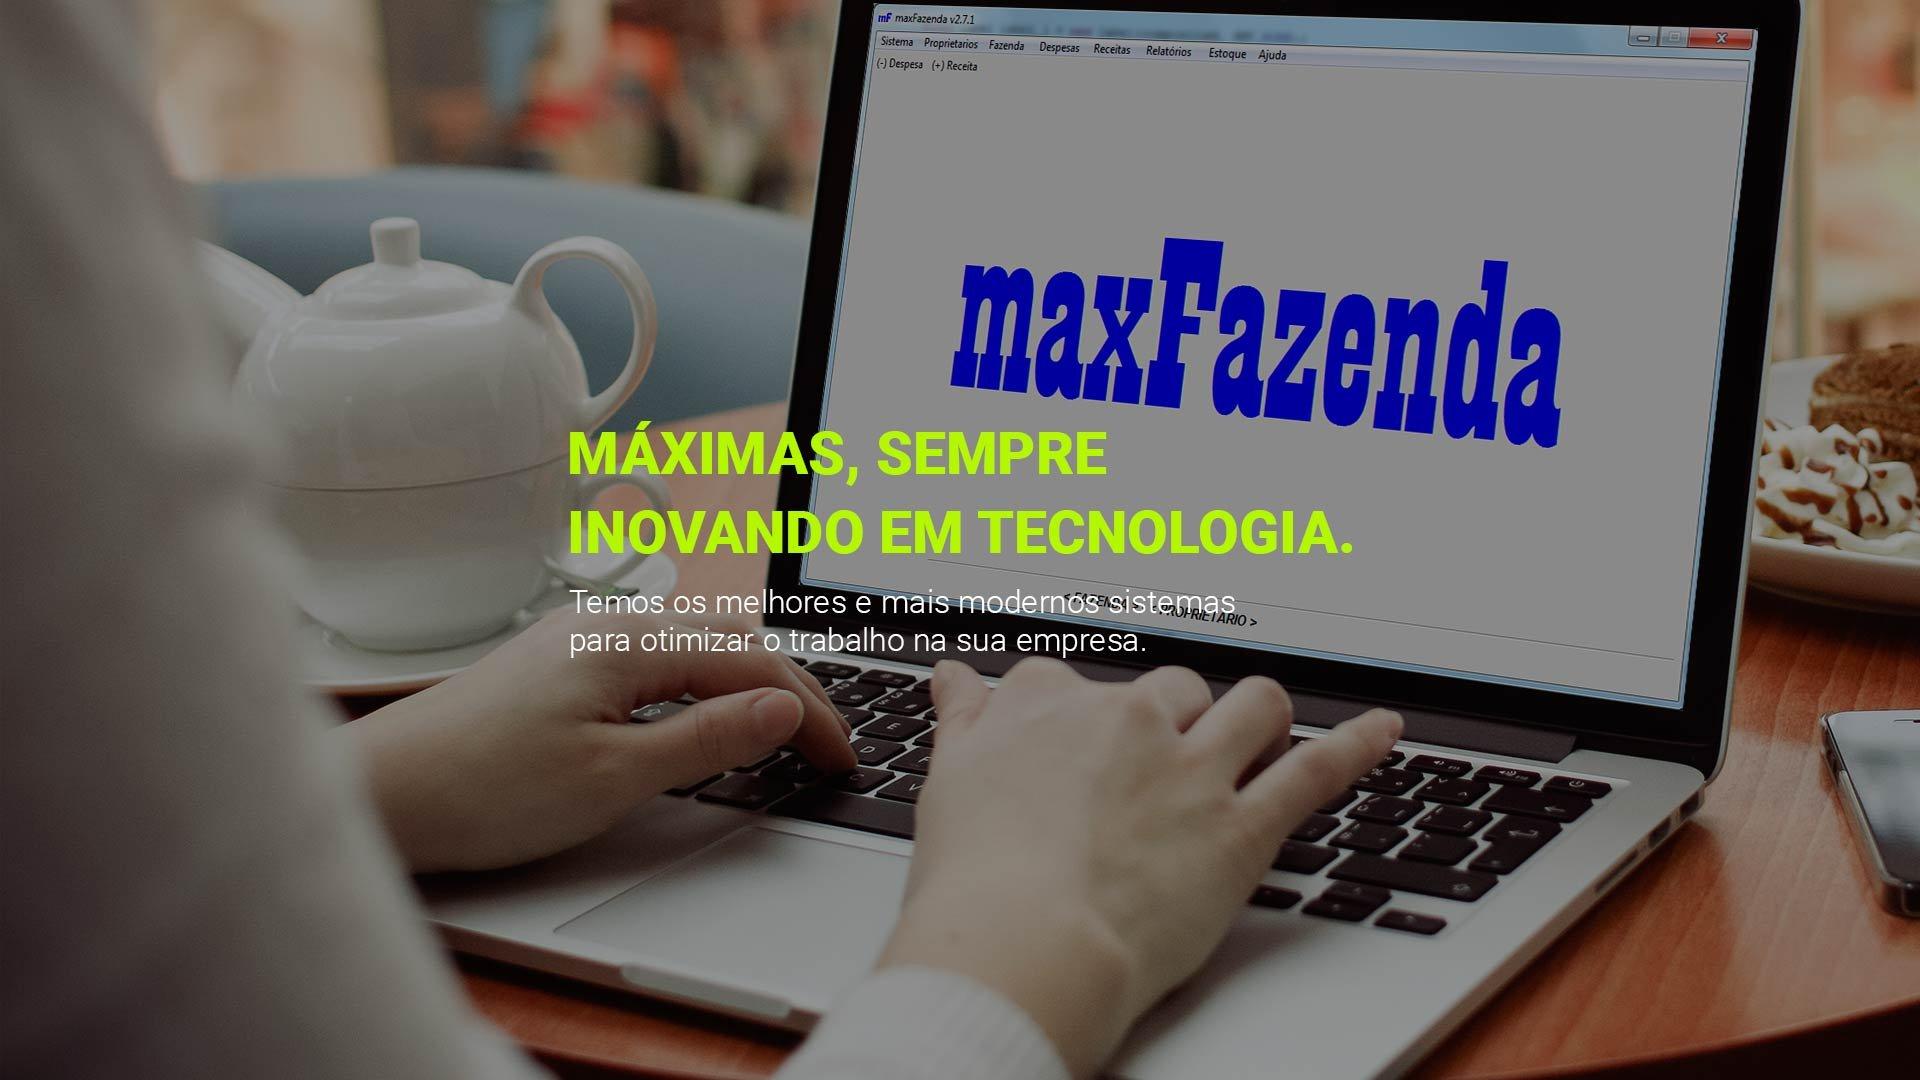 maxfazenda